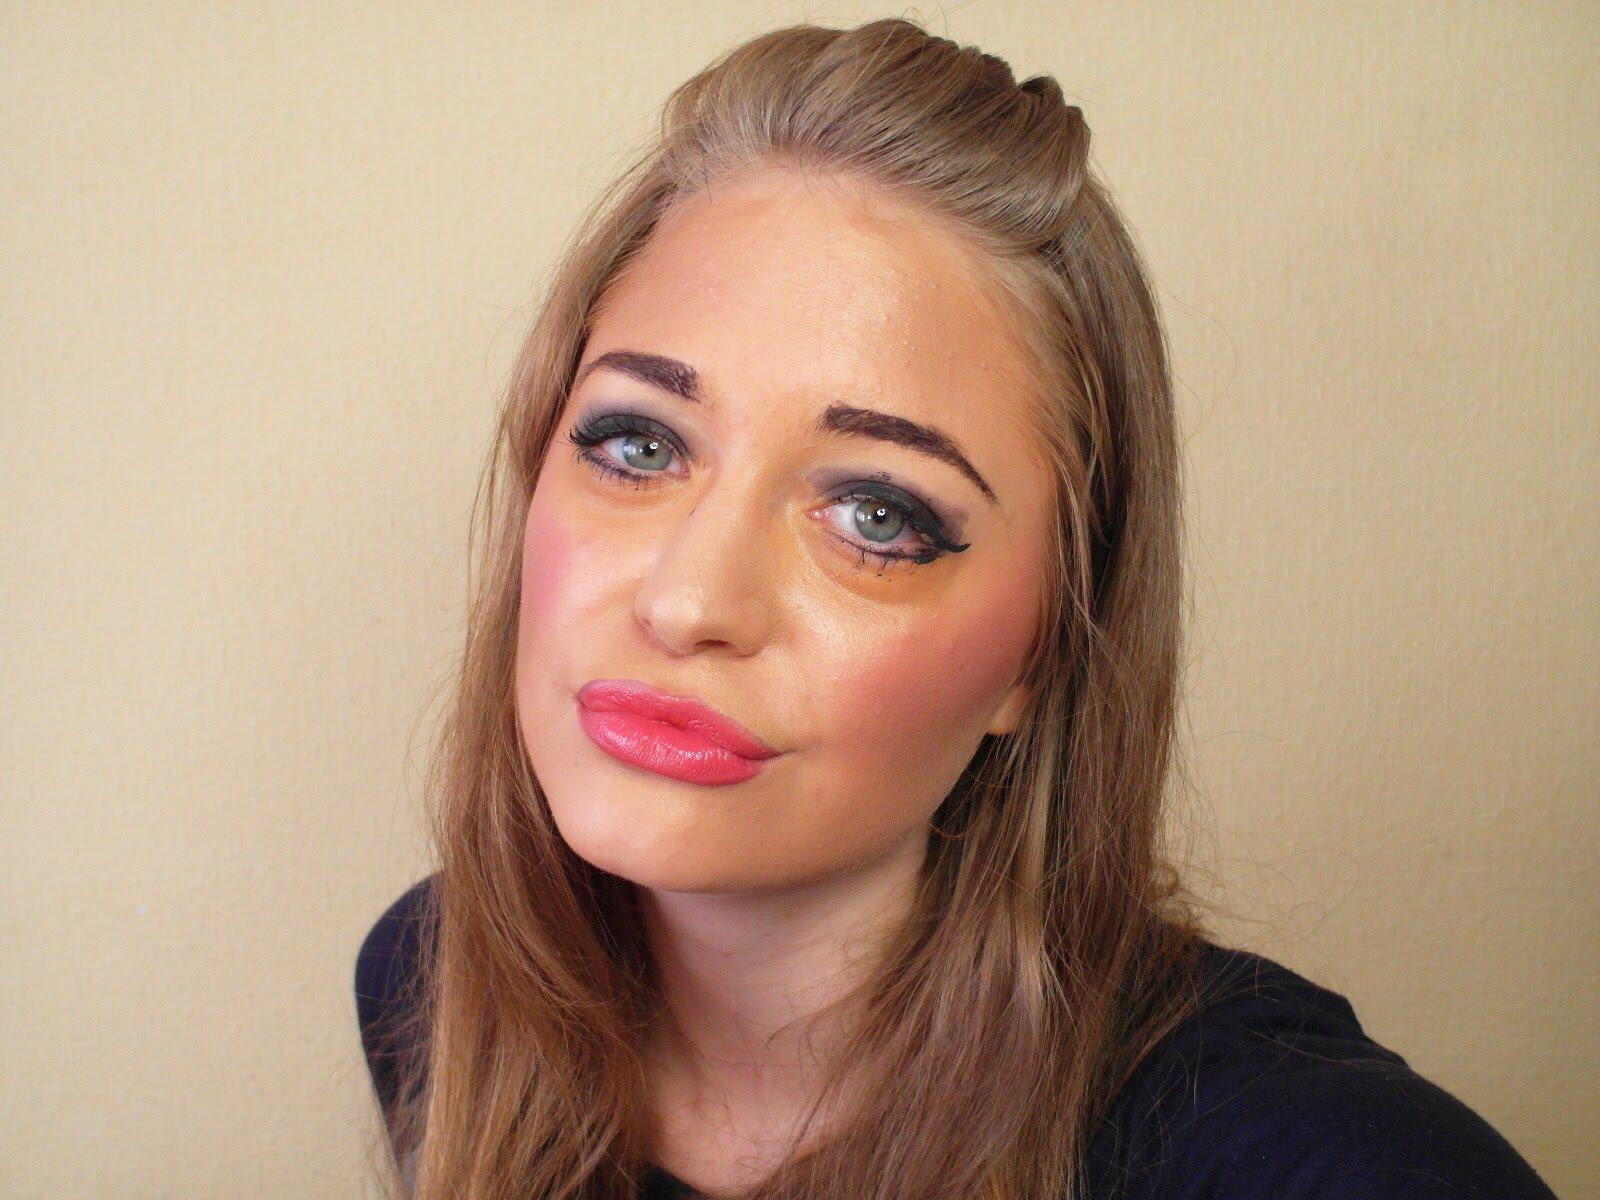 Ошибки в макияже, которые старят - слишком широкте брови.